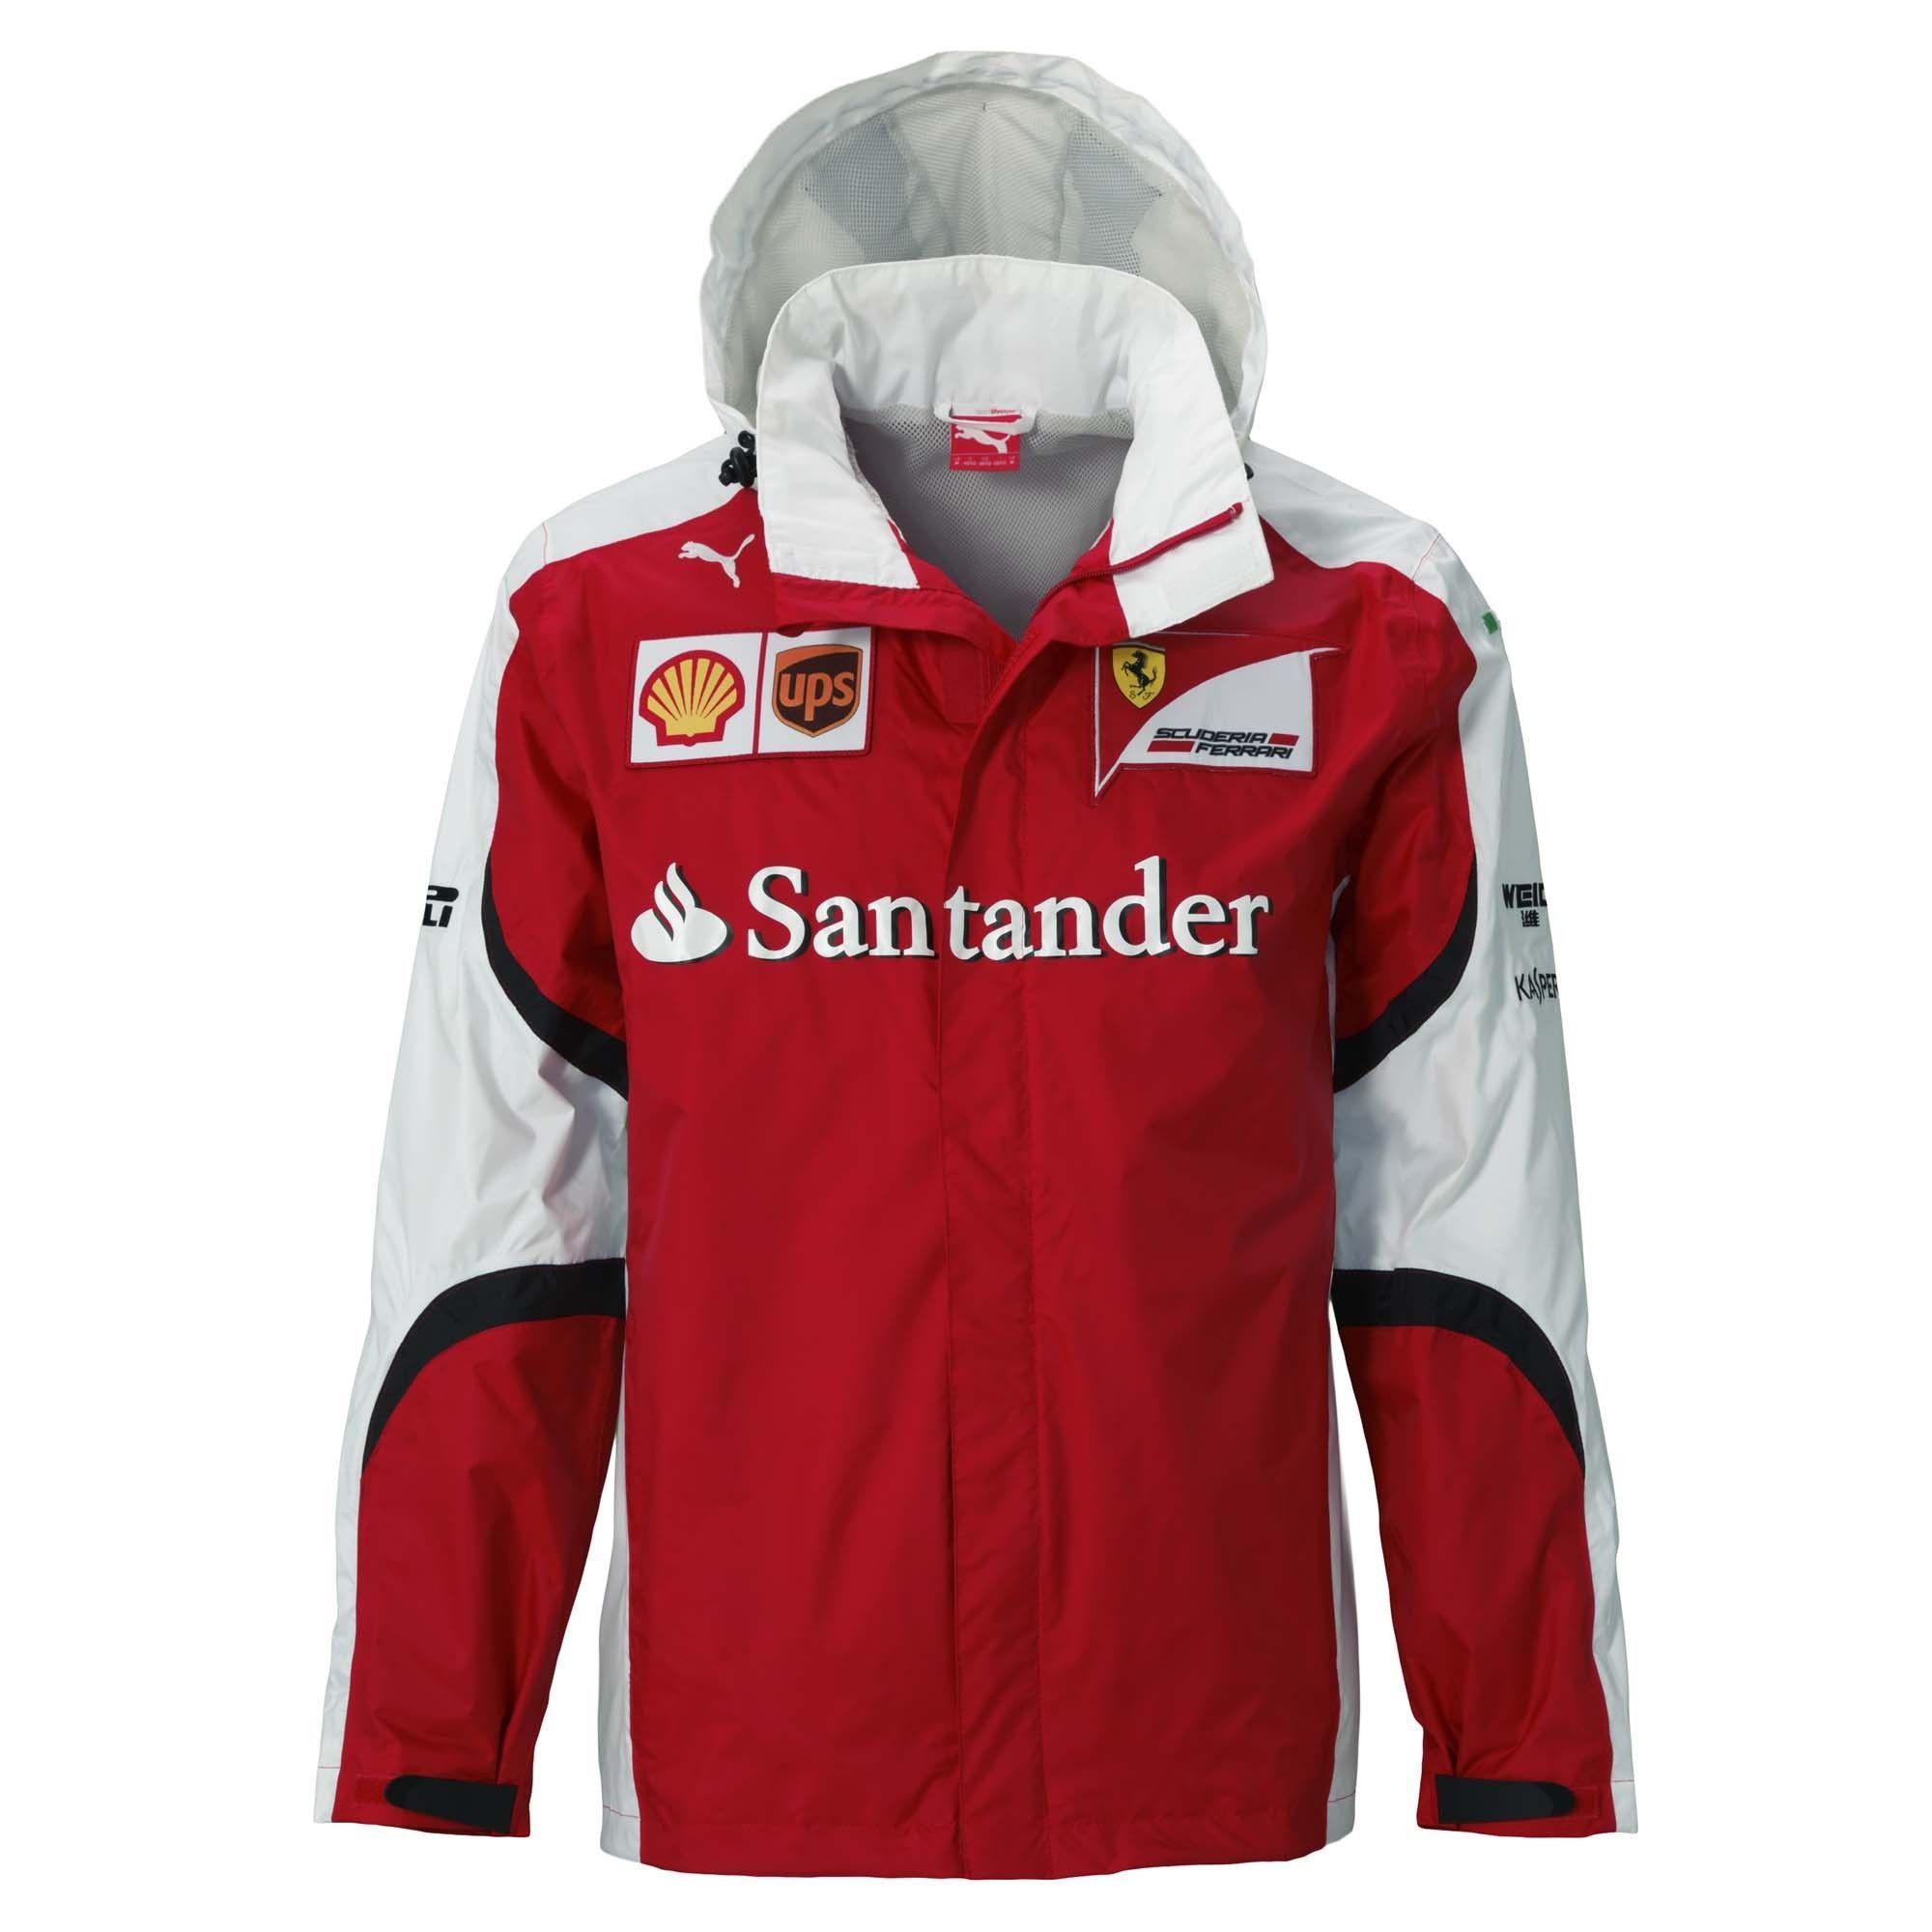 official softshell aston team p jacket men asp mens ferrari s red bull martin racing